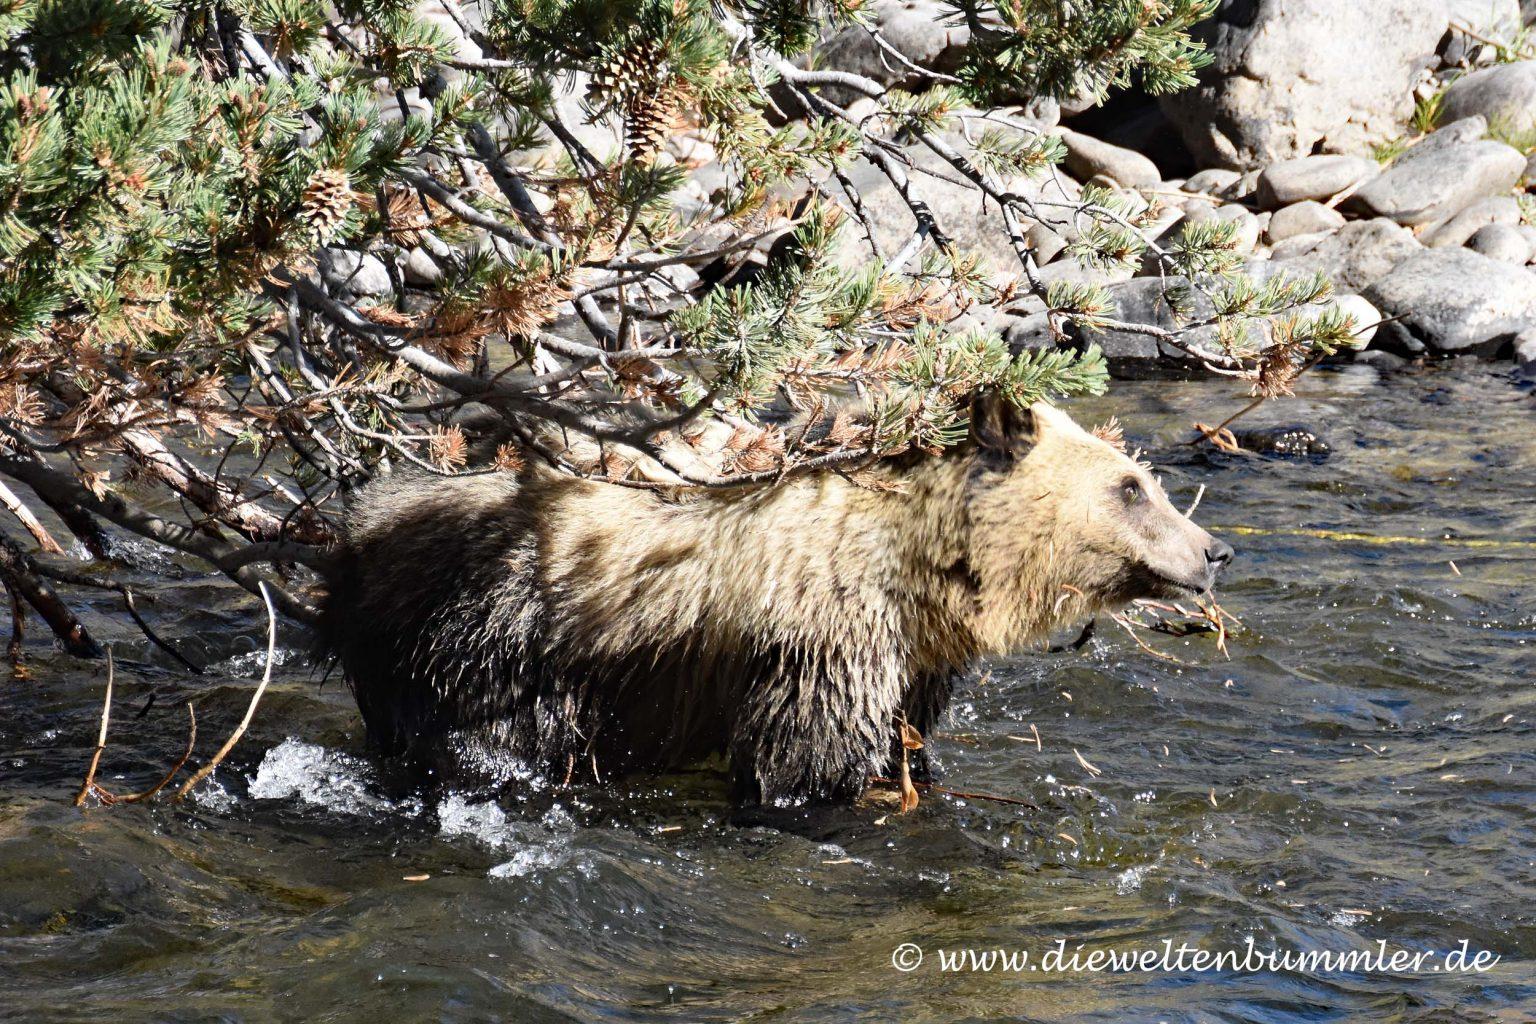 Der Bär kratzt sich am Baum